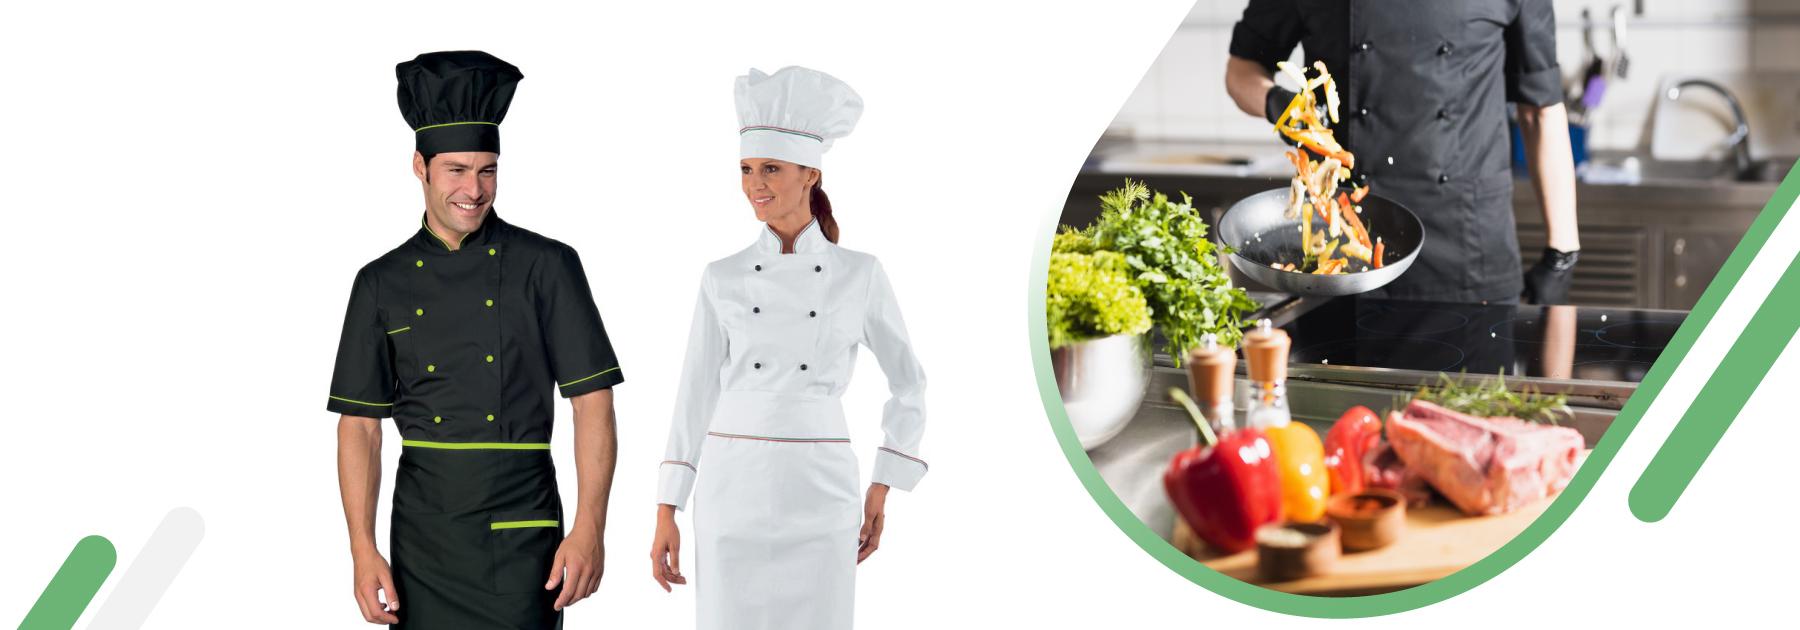 Divise ed accessori da cucina